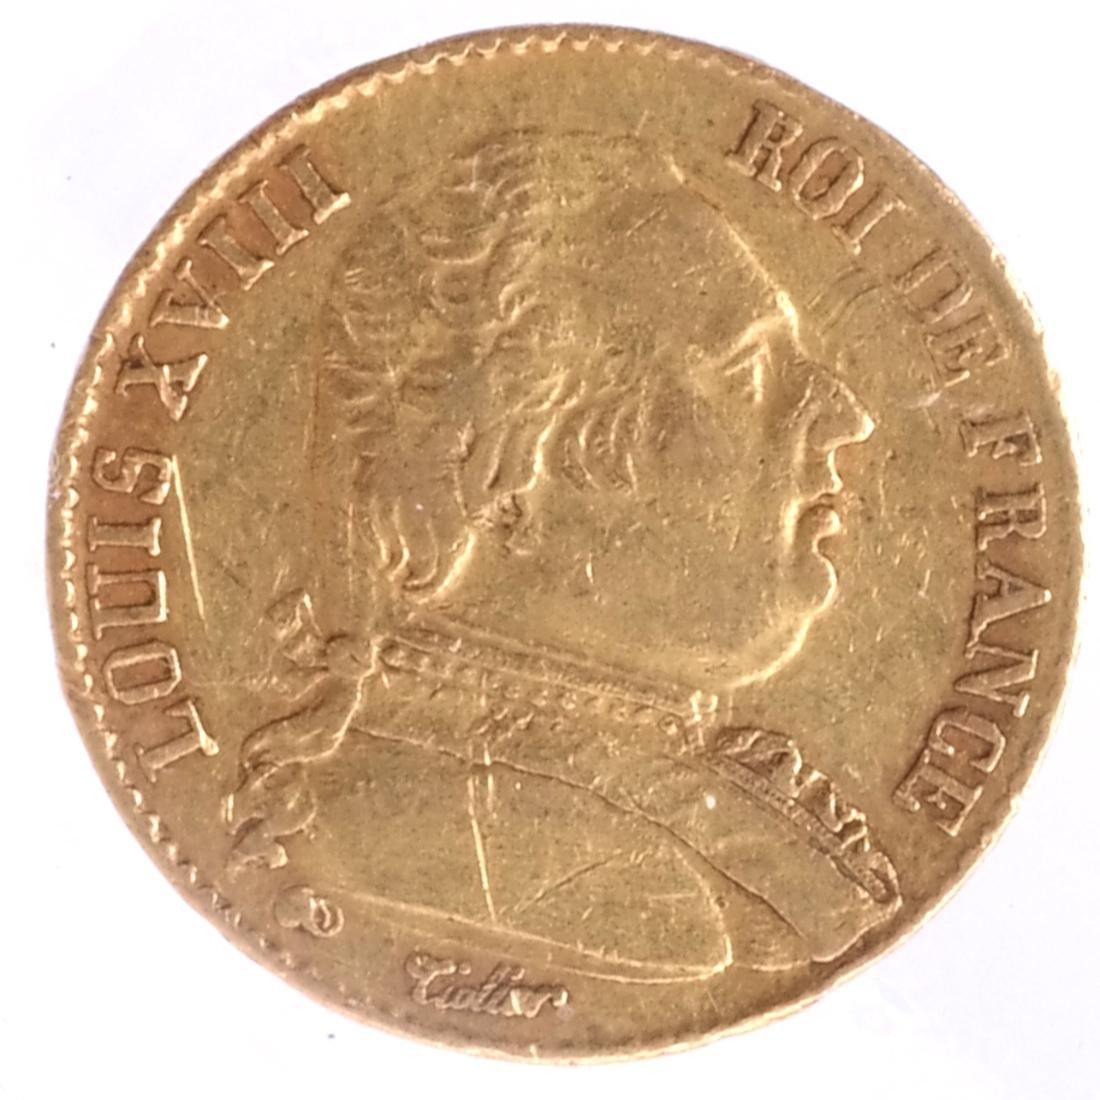 1814-A 20 Francs, France, Louis XVIII